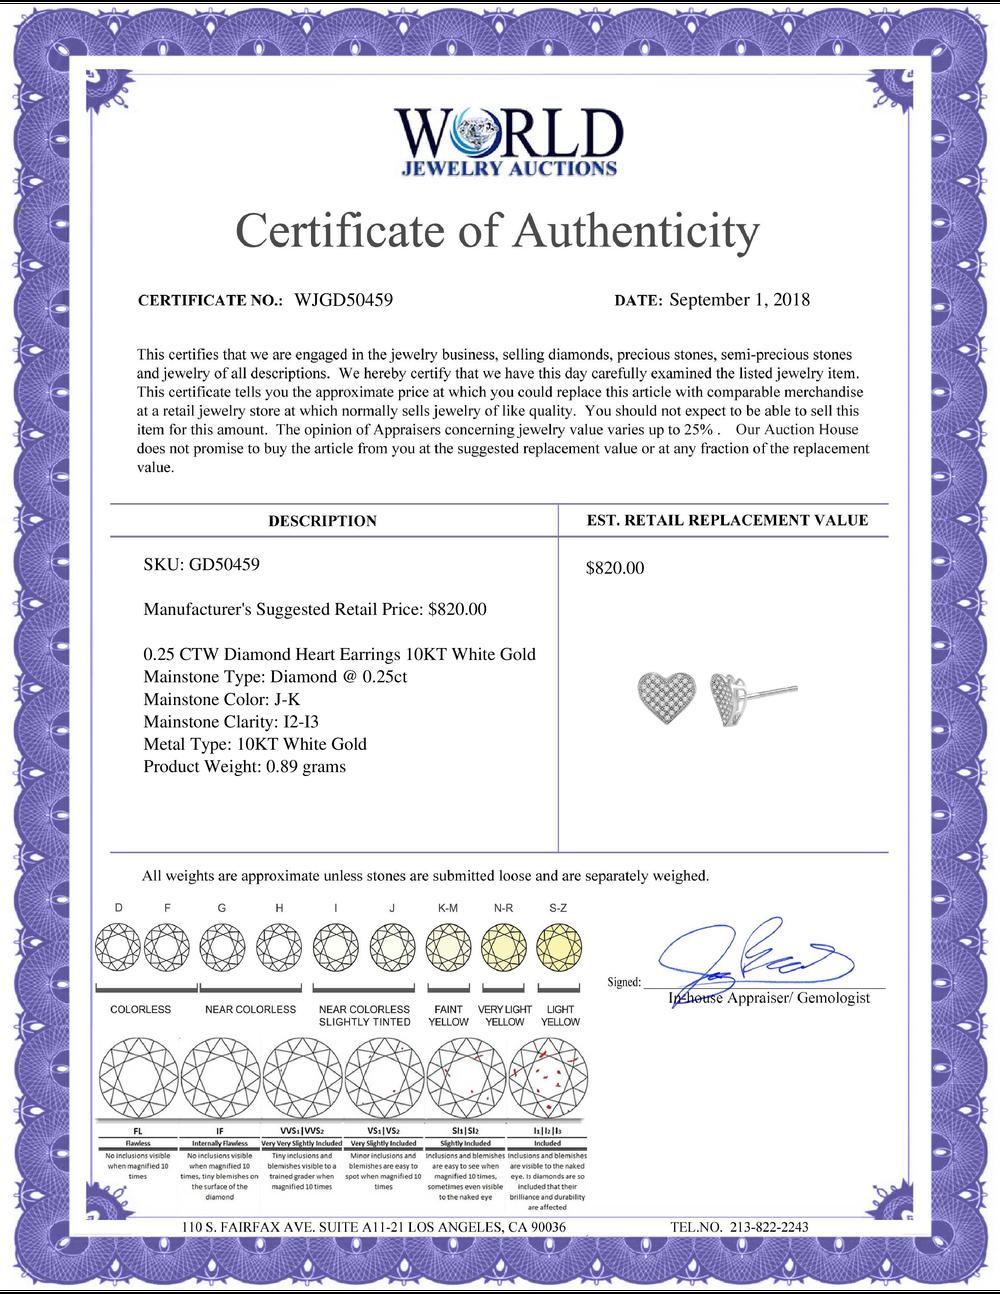 Lot 4015: 0.25 CTW Diamond Heart Earrings 10KT White Gold - REF-20H9M